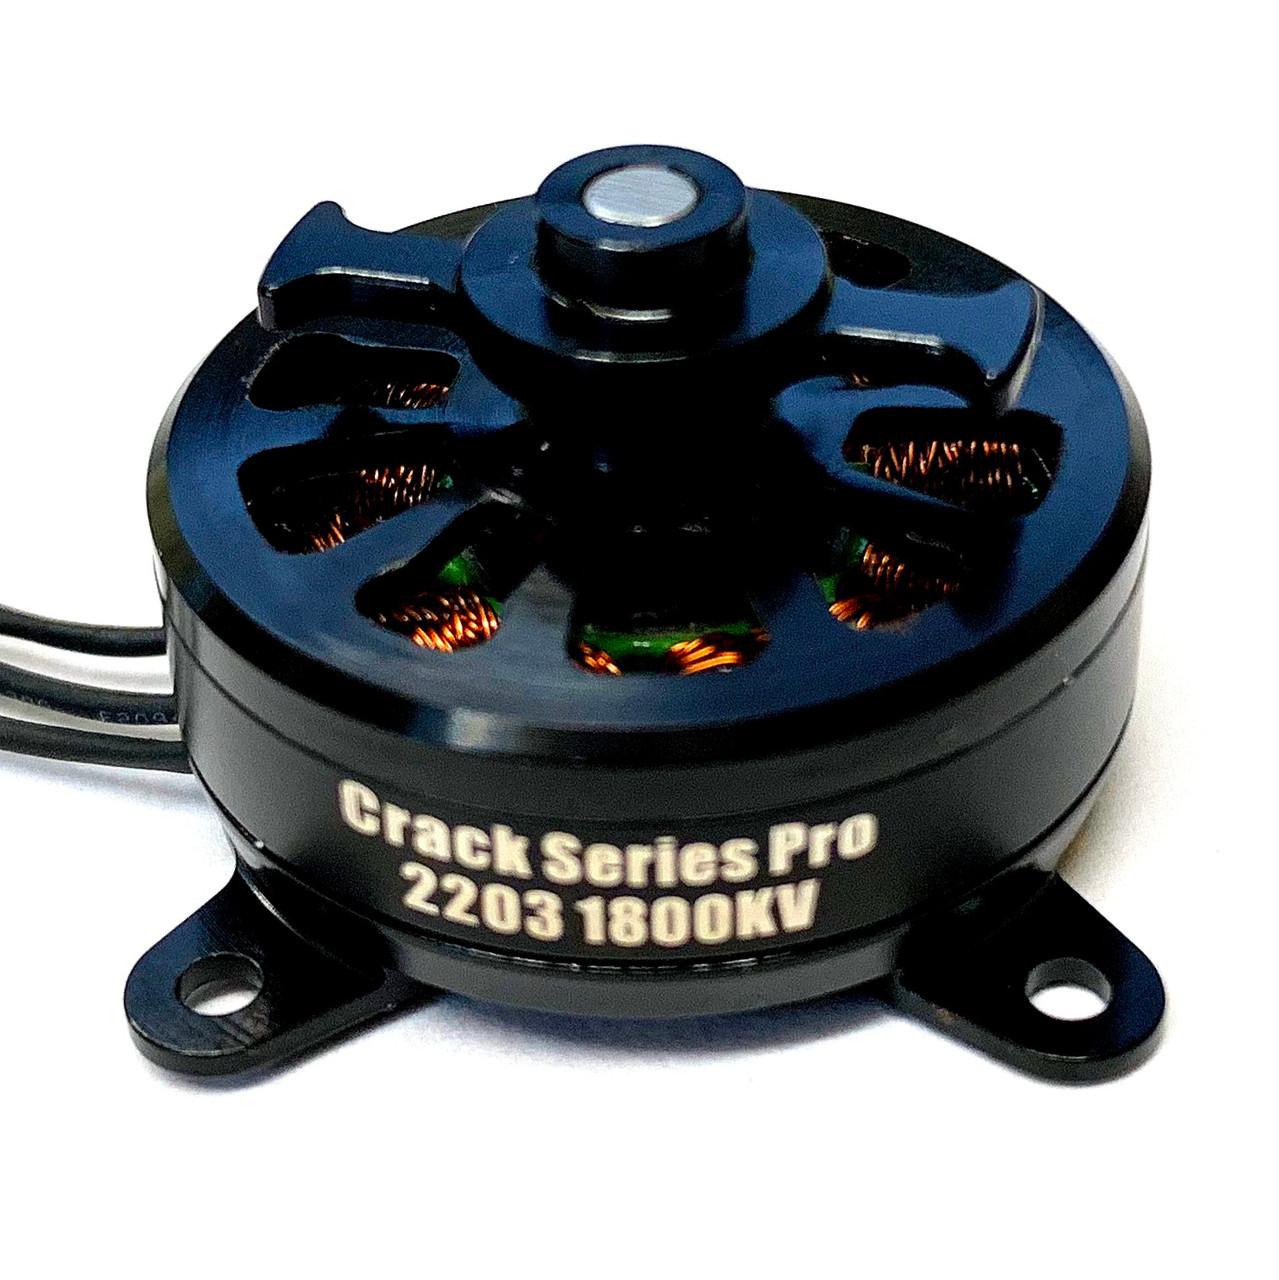 """Outrunner 2203 1800KV 18g """"Crack Series PRO"""" Motor"""